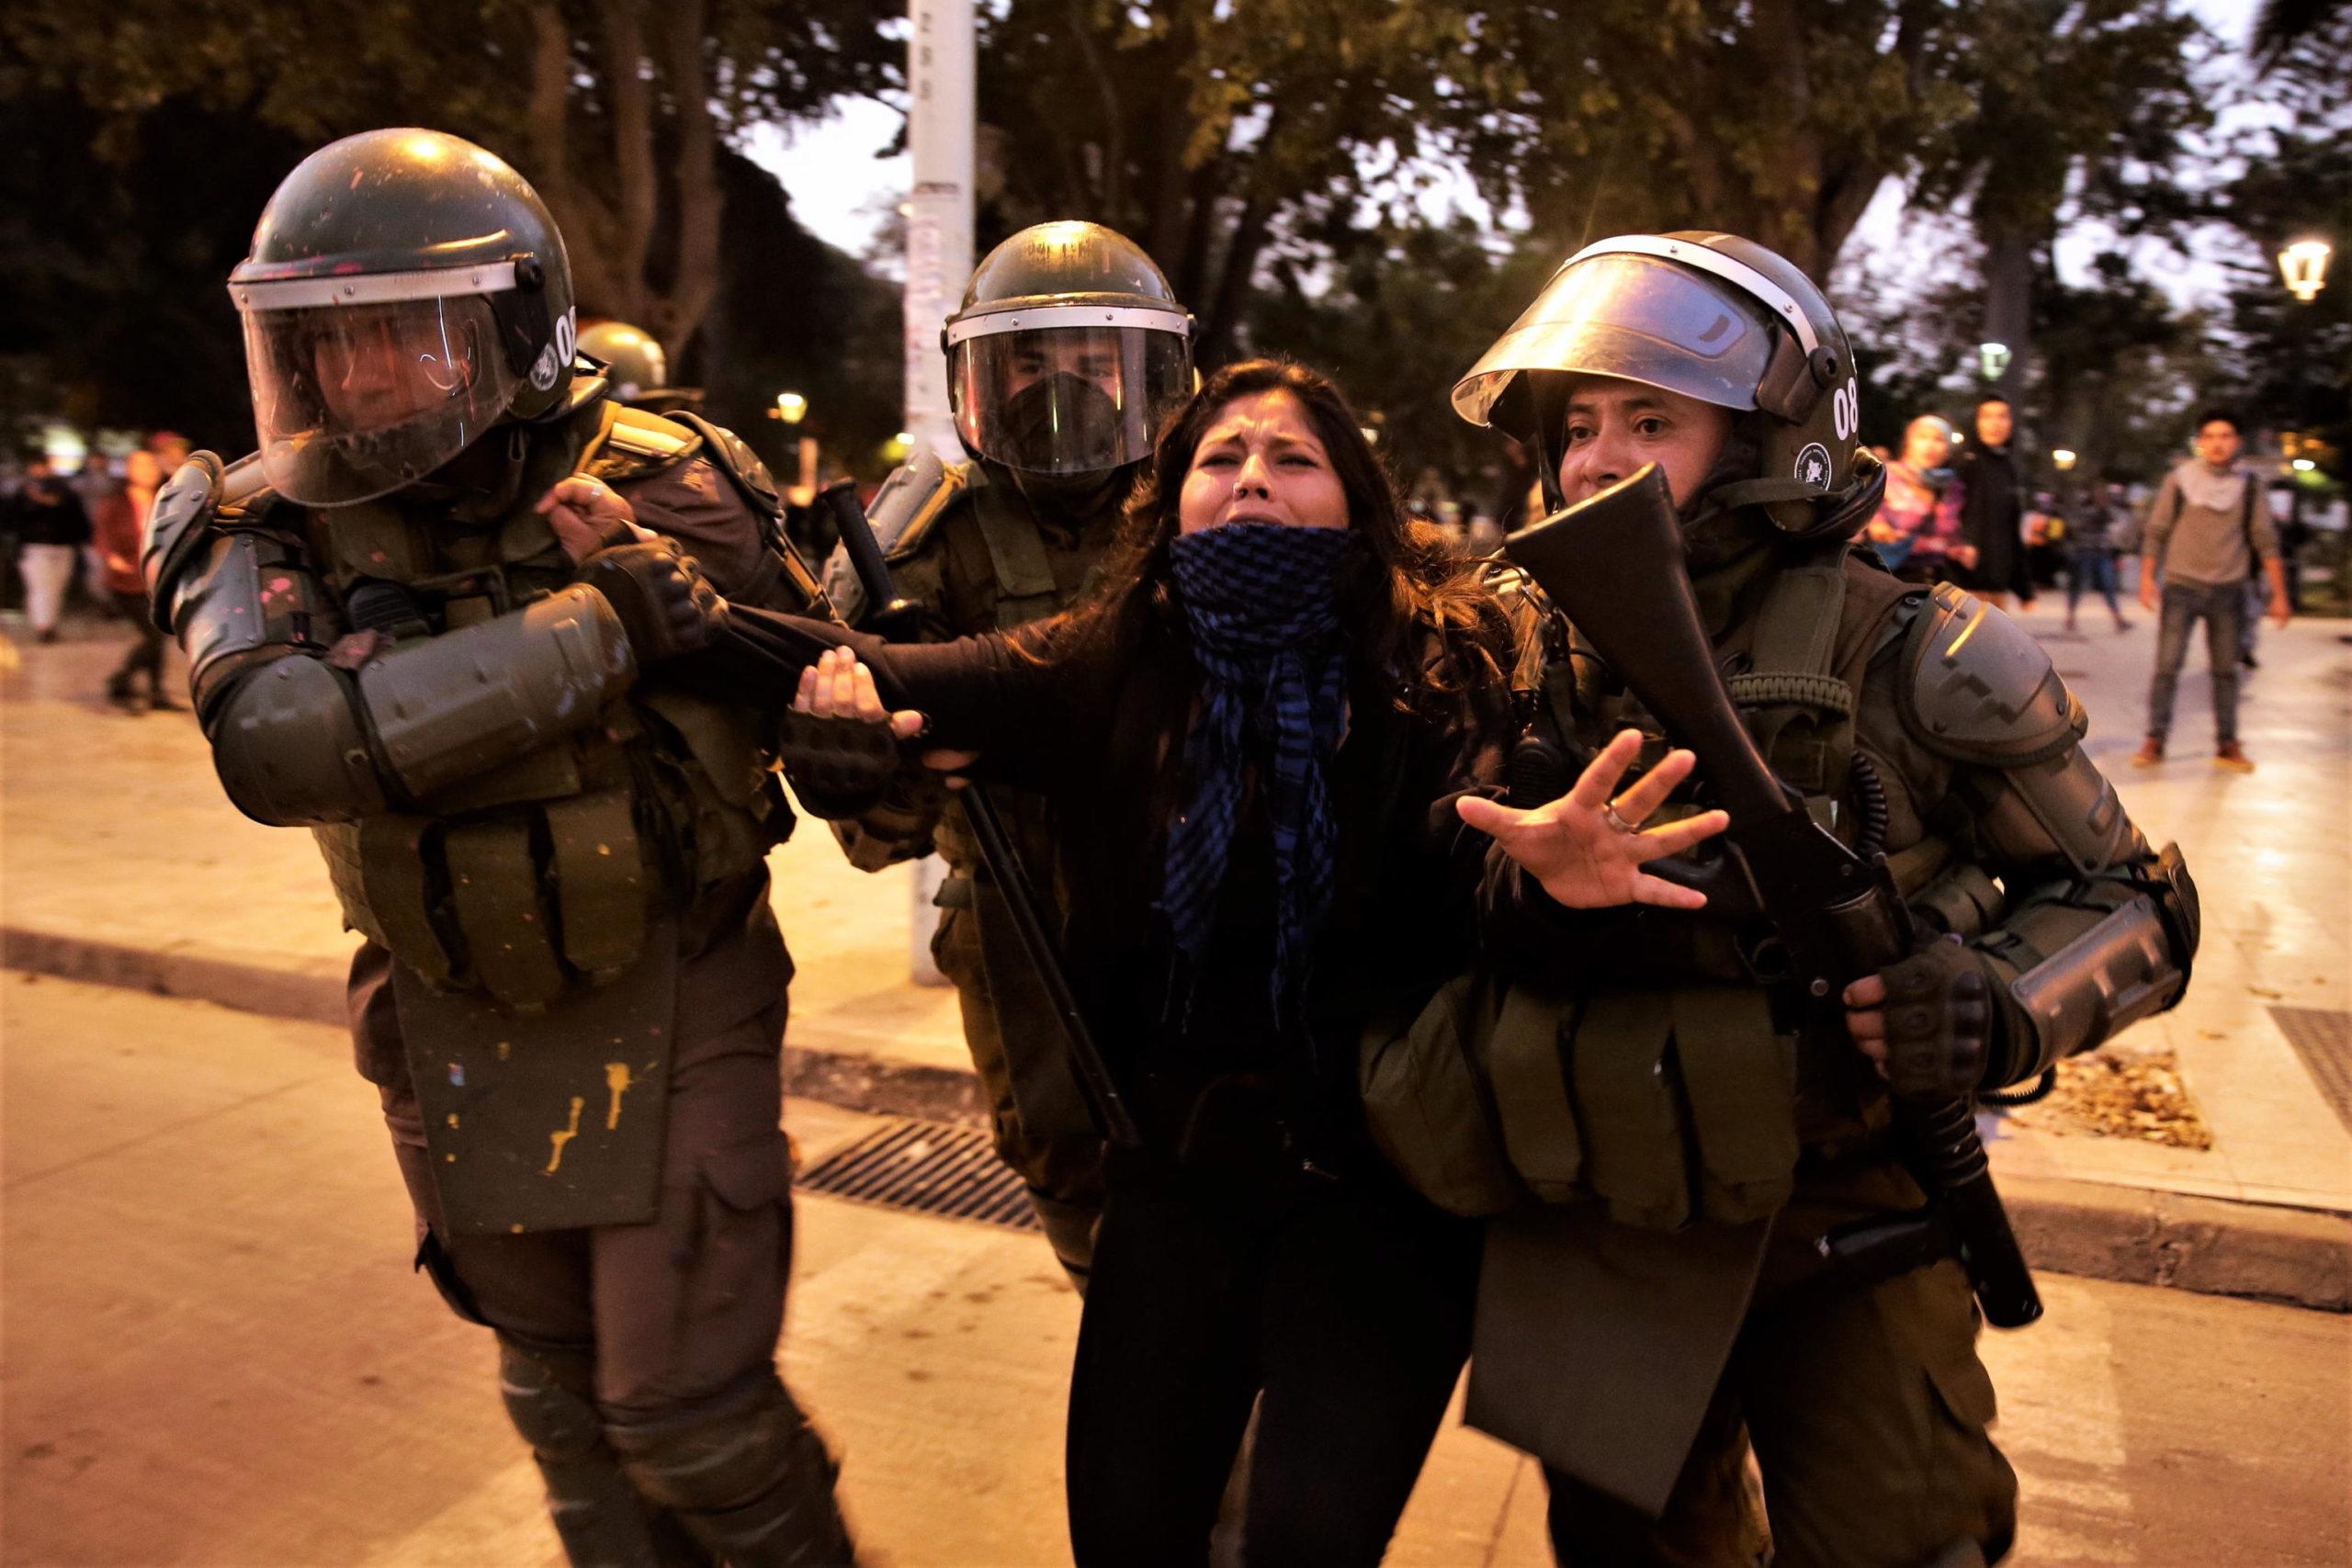 La polizia intervene per fermare le proteste e blocca una manifestante